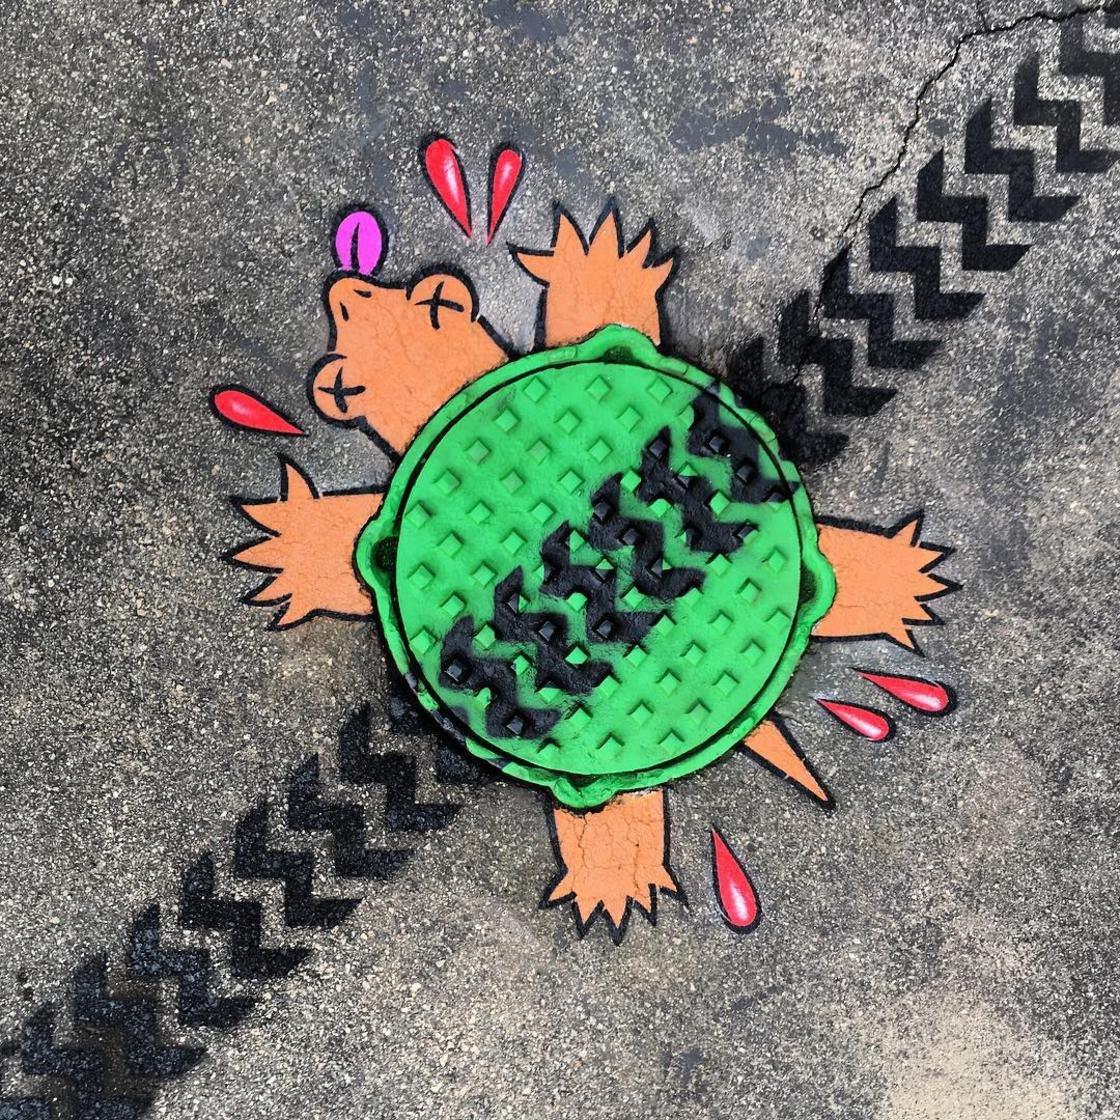 tom bob street art new york 14 1024x1024 - 뉴욕의 천재 '거리예술가' 손에 재탄생한 길거리 (사진 25장)